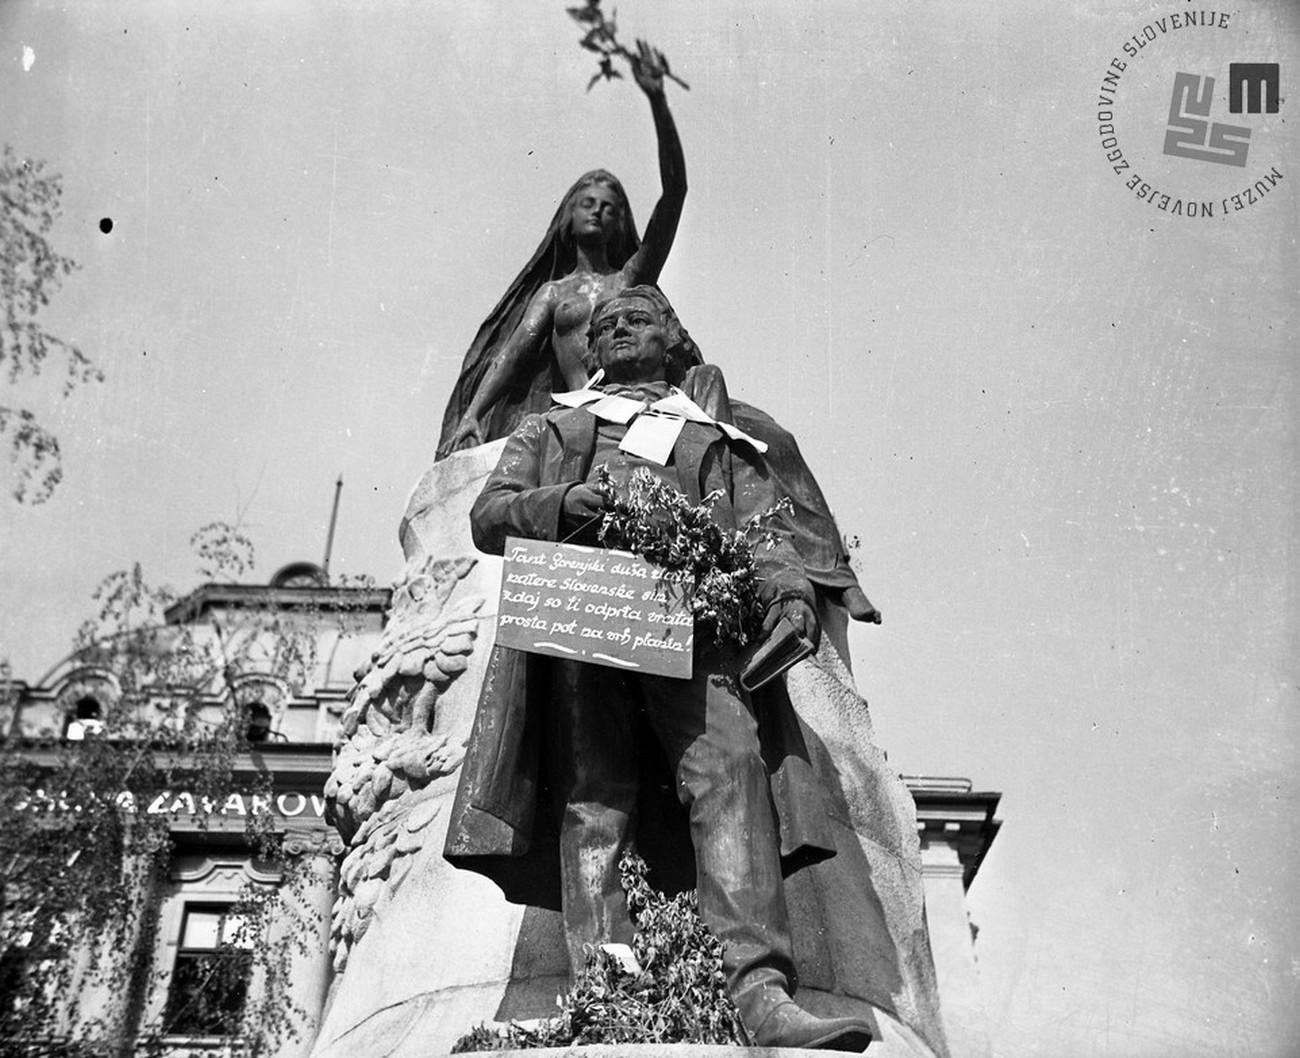 Okrašen Prešernov spomenik ob osvoboditvi. Avtor fotografije: Jakob Prešern. MNZS.